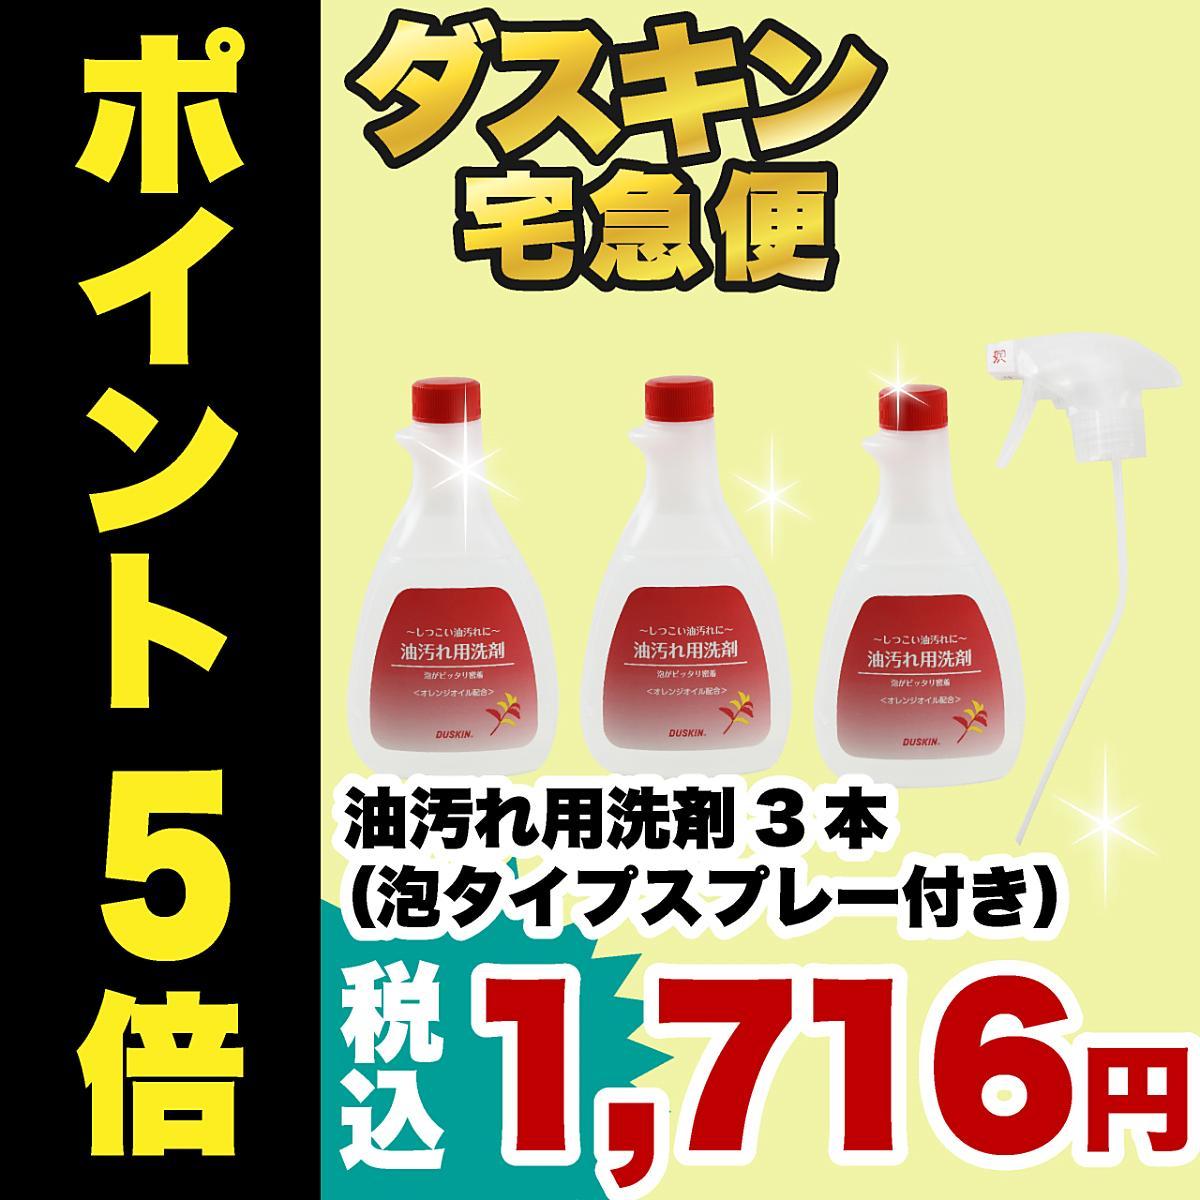 ダスキン 油汚れ用洗剤 (泡タイプ スプレーつき )3本セット【 ポイント5倍 】 レンジ や レンジフード の 掃除 に最適!